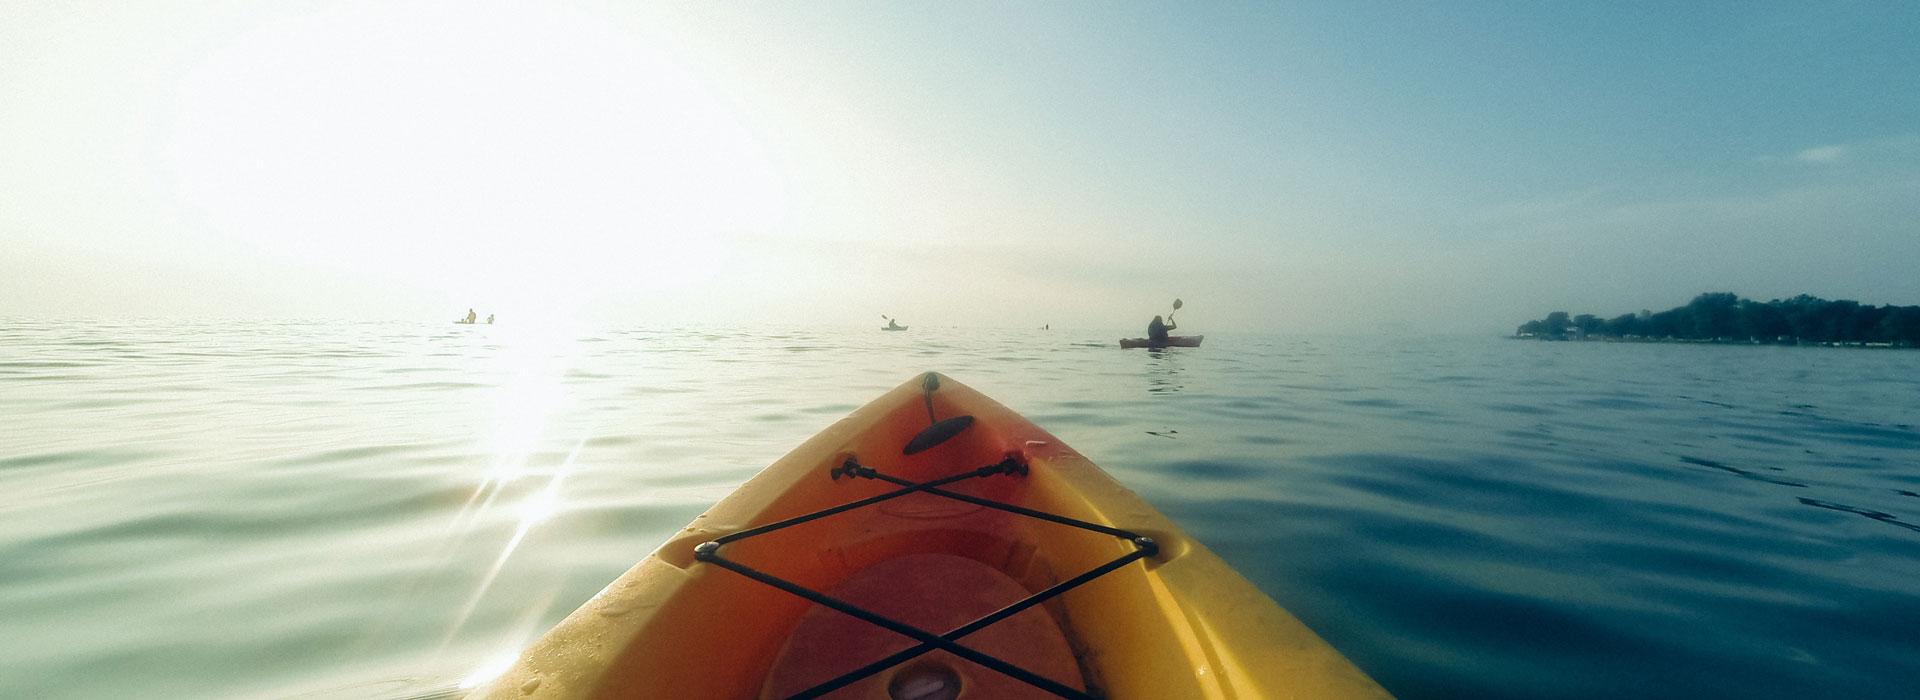 Le kayak en mer